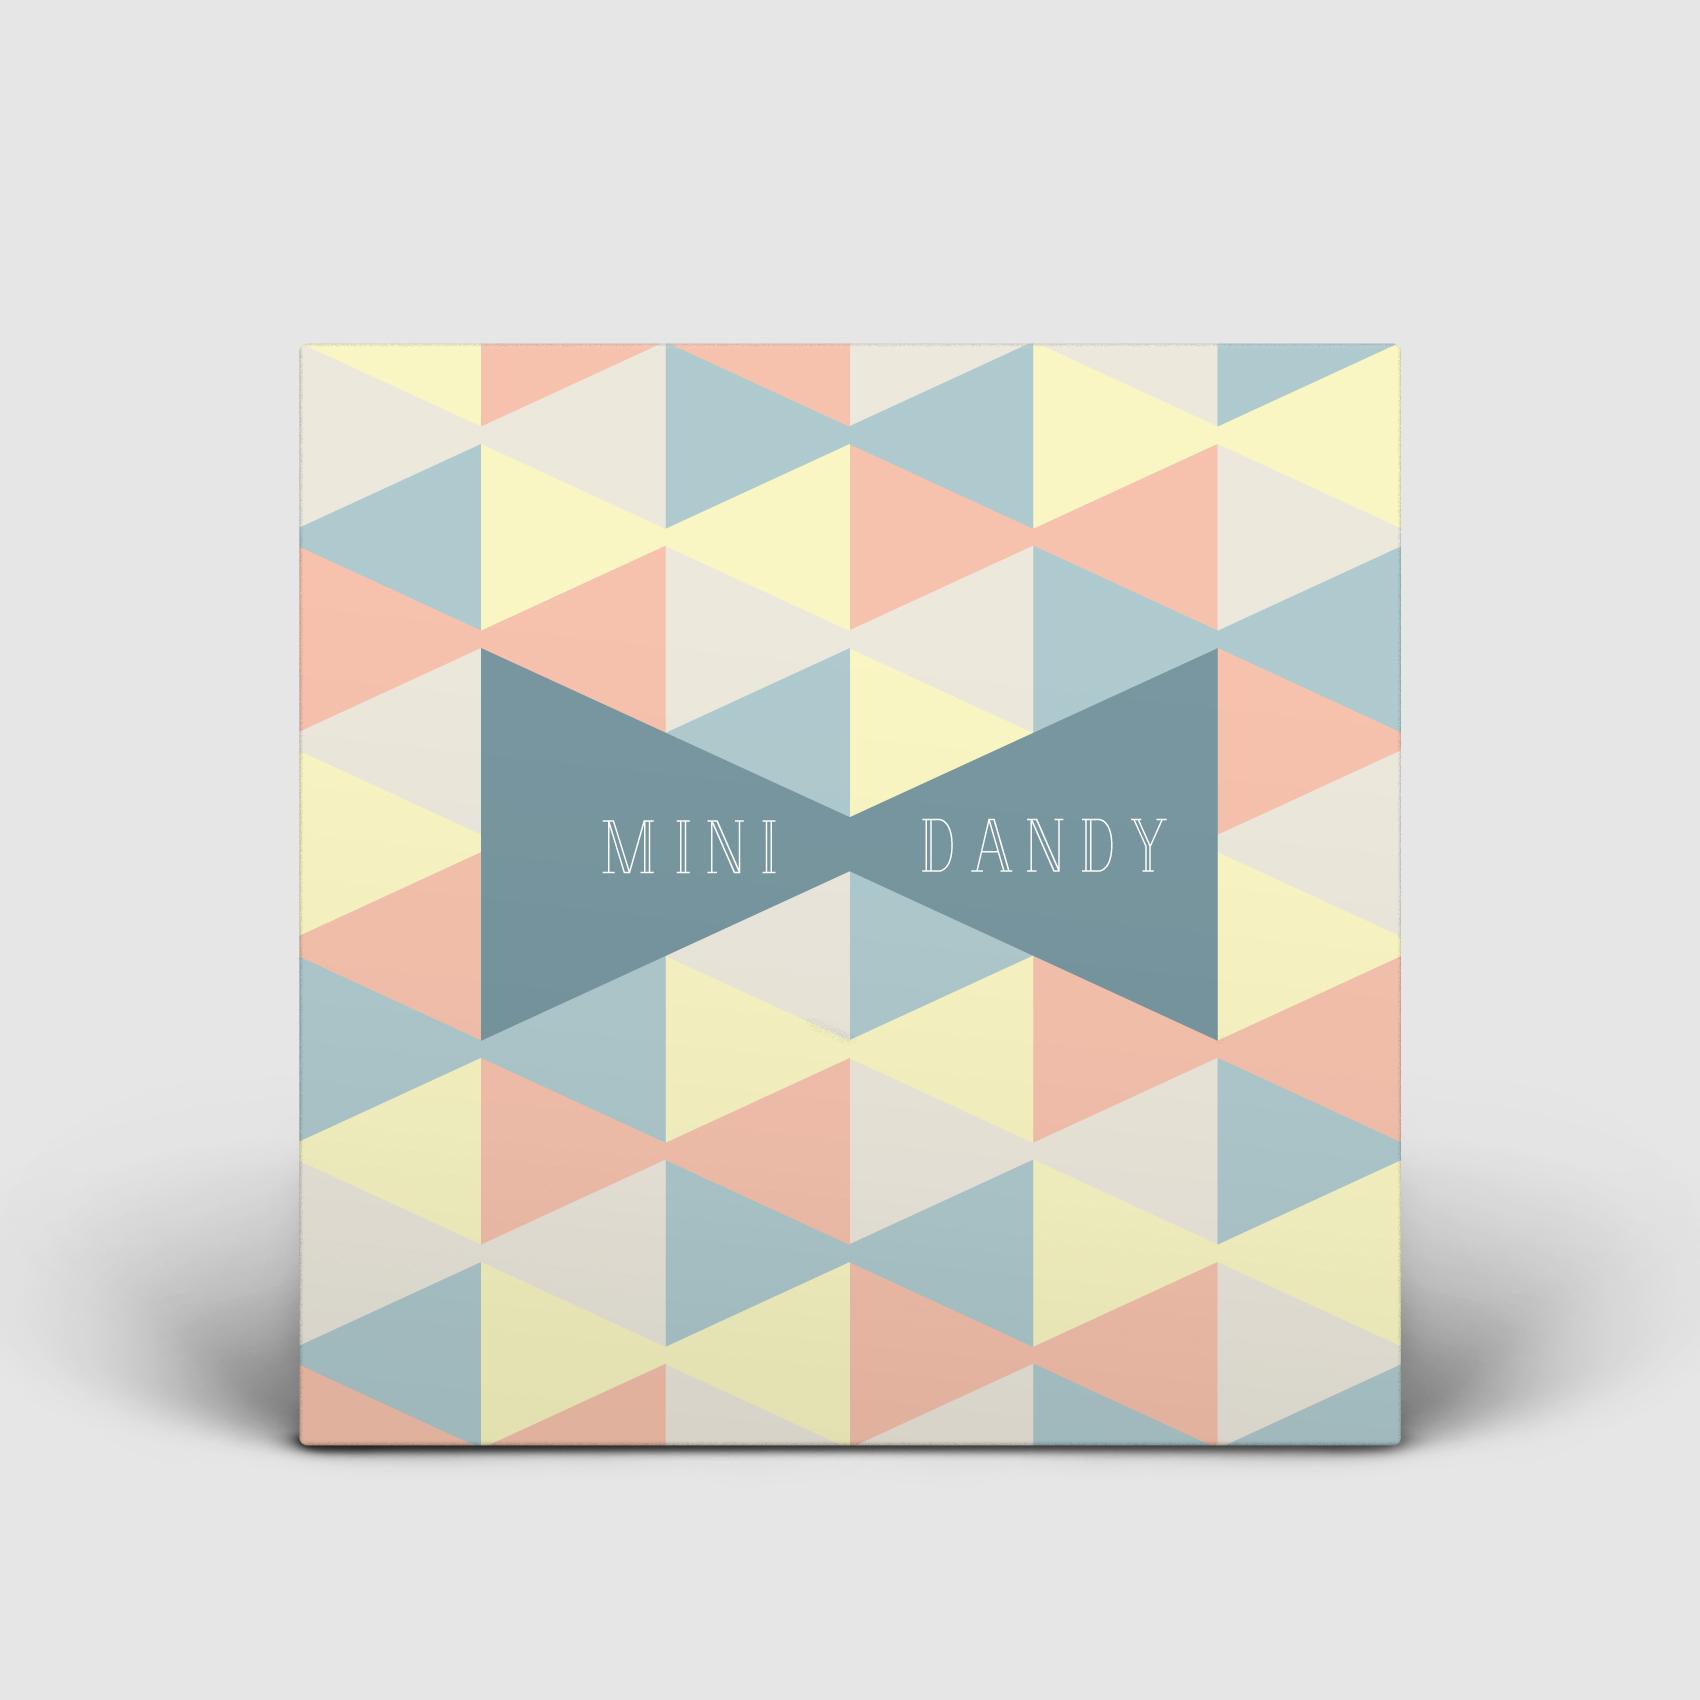 FAIRE-PART NAISSANCE | MINI DANDY